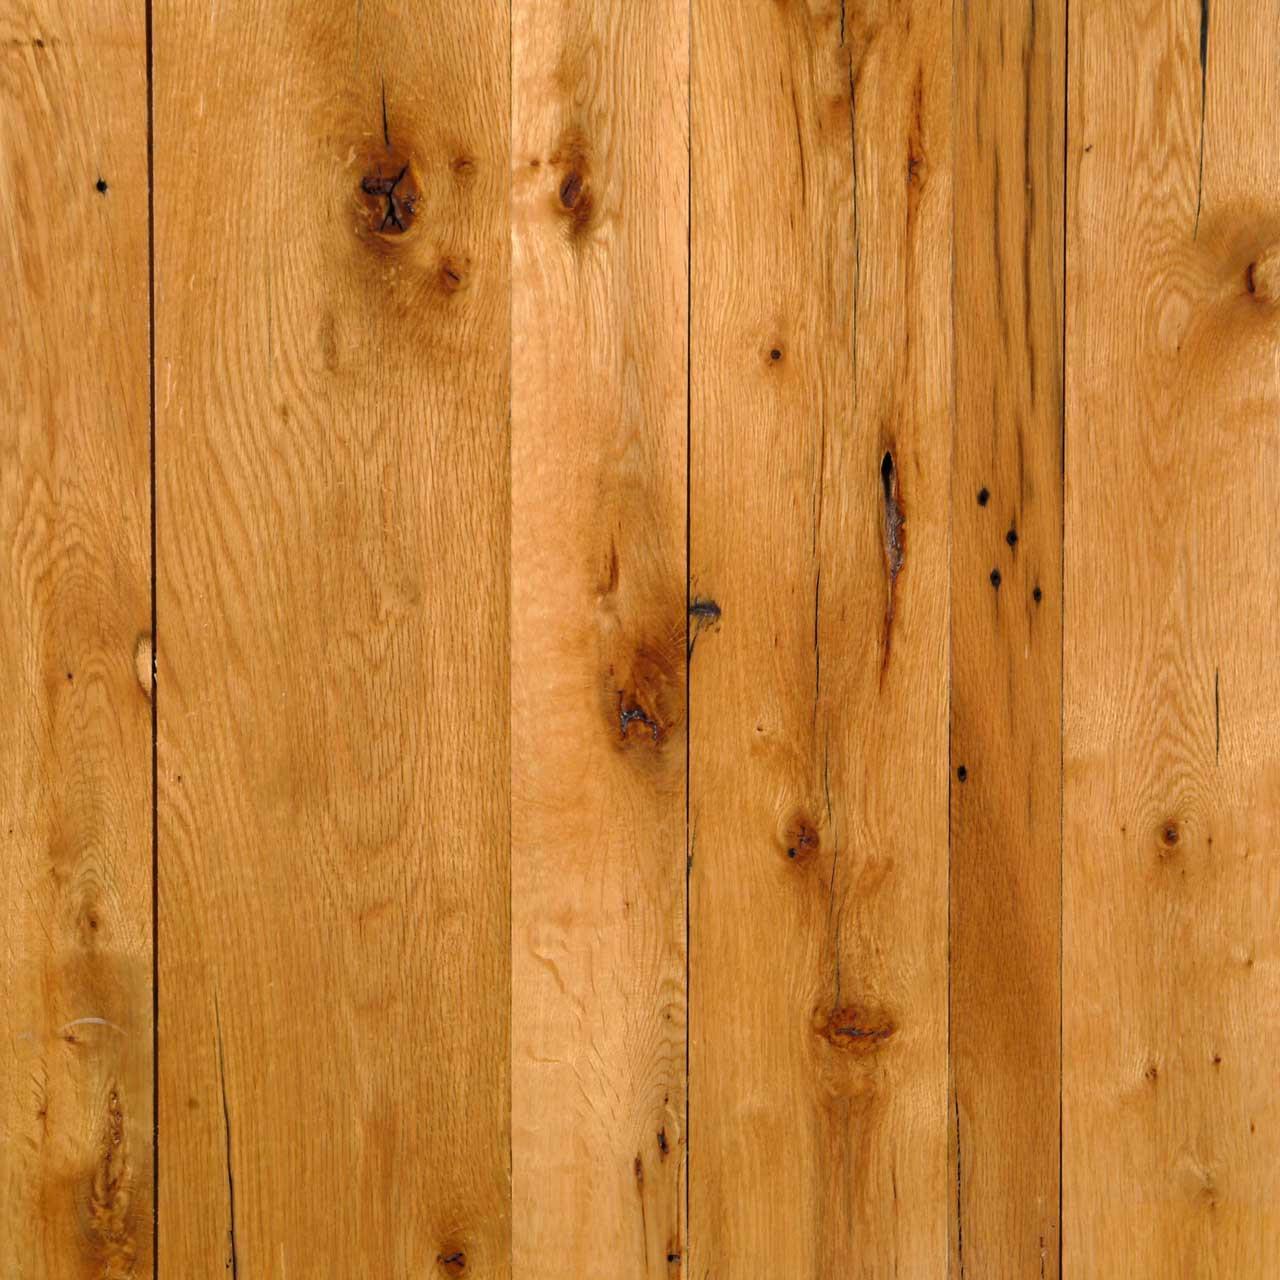 maple hardwood flooring vs oak of longleaf lumber reclaimed red white oak wood pertaining to reclaimed white oak wood flooring